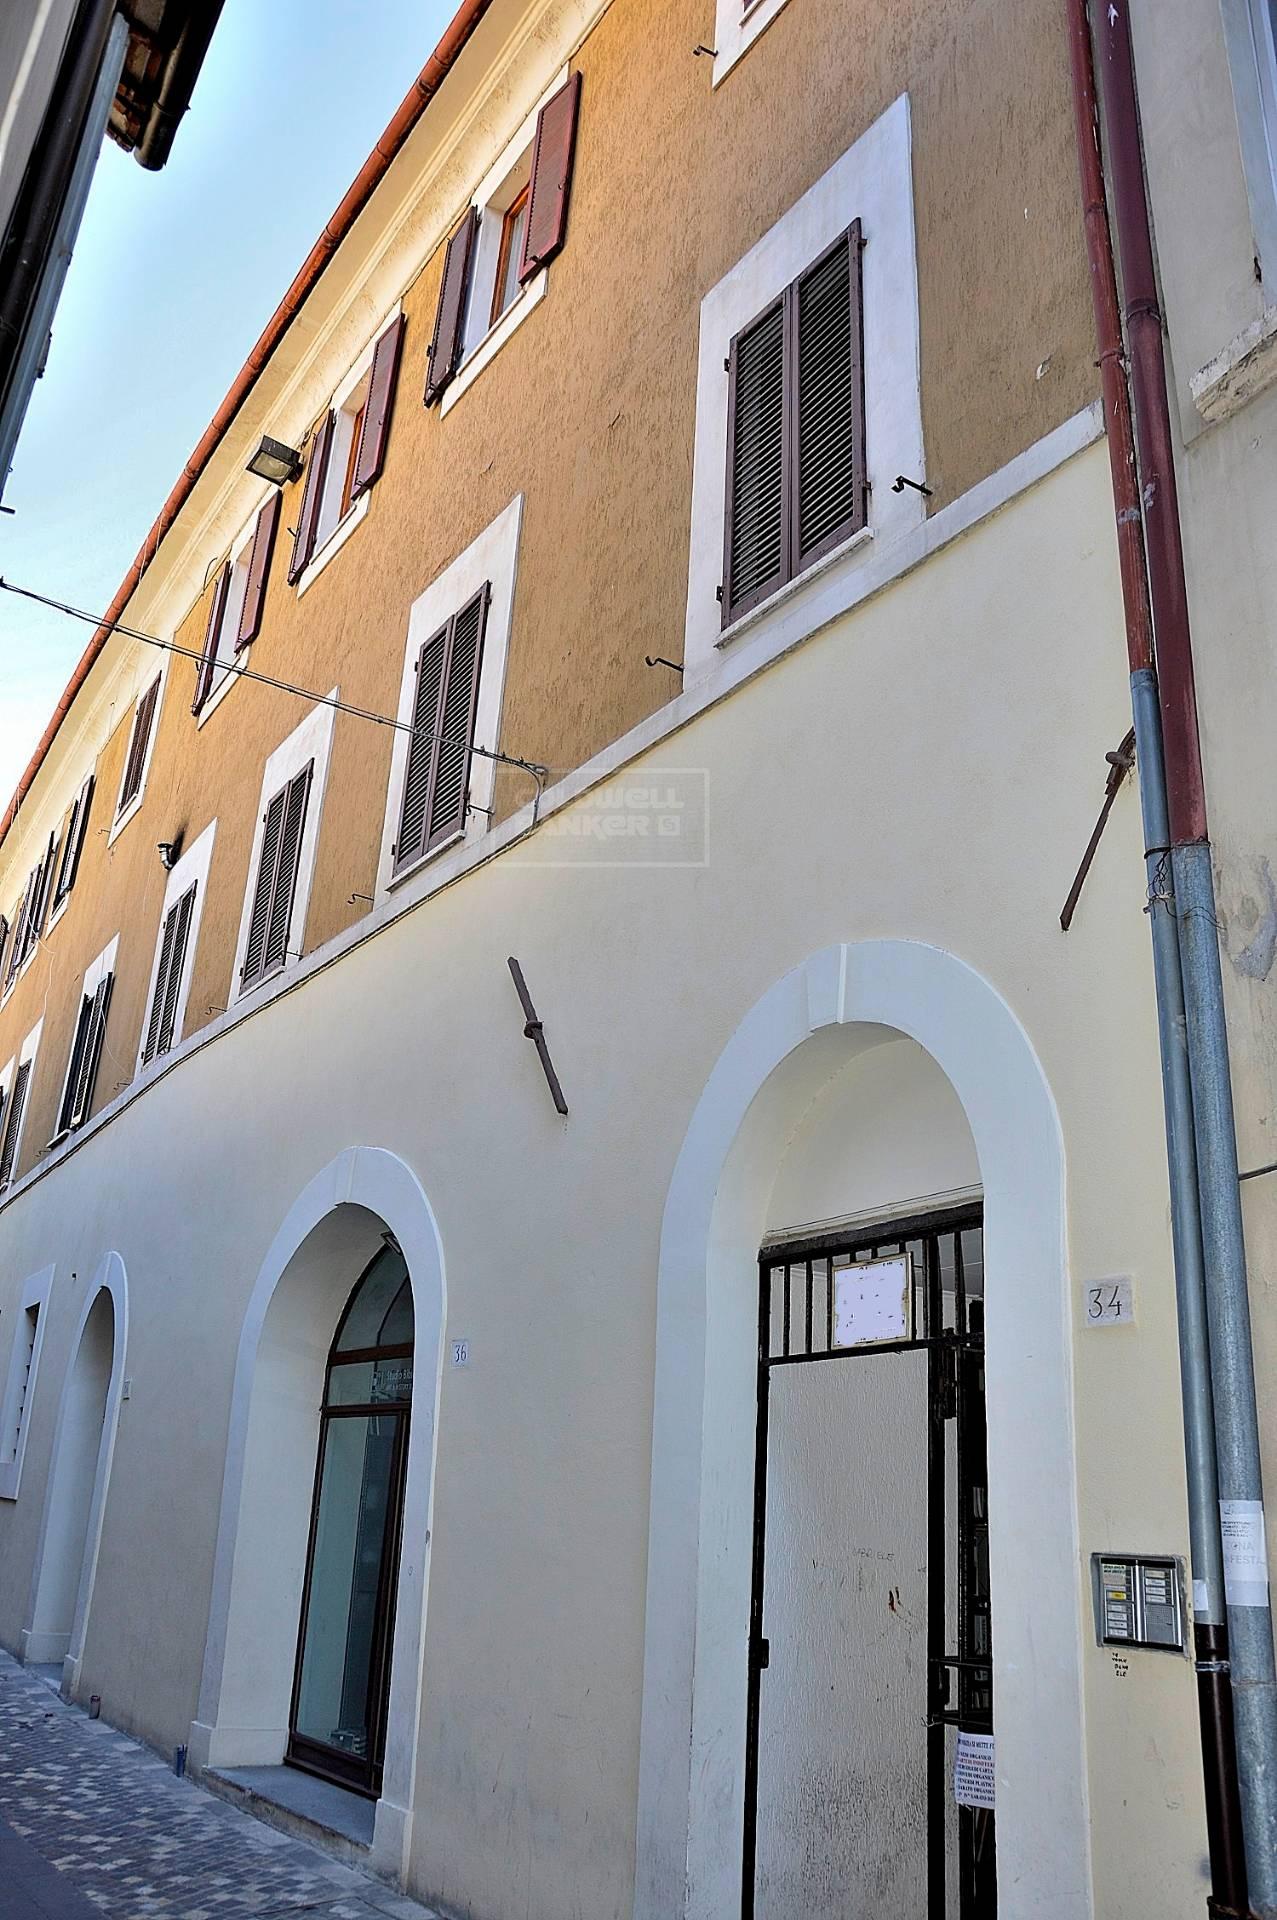 Appartamento in vendita a Foligno, 5 locali, prezzo € 68.000 | CambioCasa.it